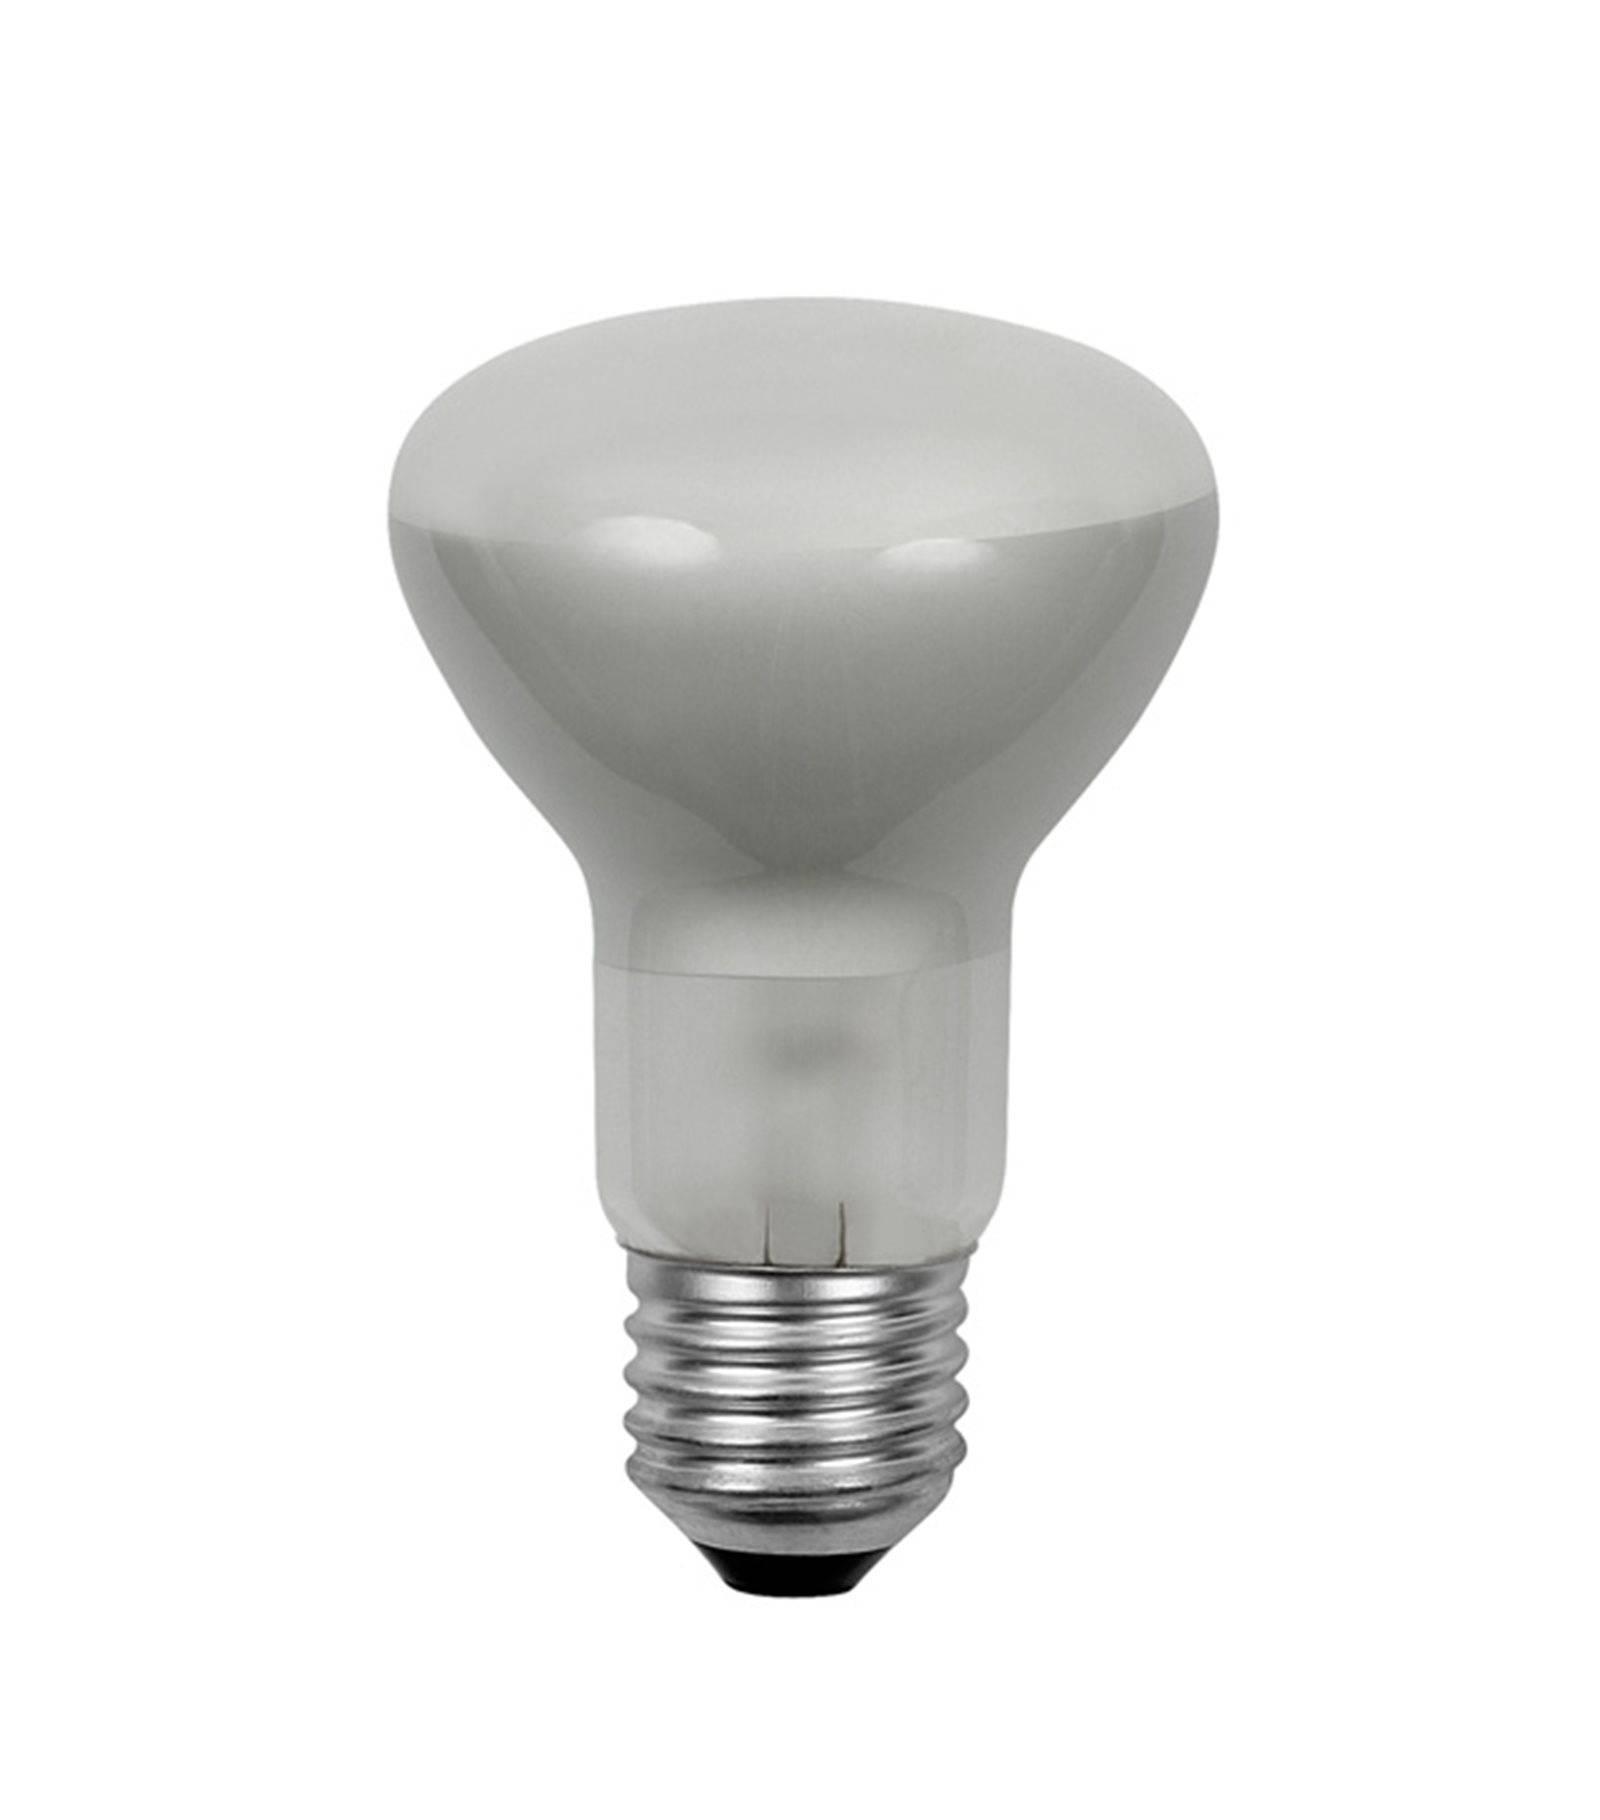 ampoule halog ne e27 r63 bulbe r flecteur 60w 460lm blanc chaud 60 kanlux ampoule halogene. Black Bedroom Furniture Sets. Home Design Ideas